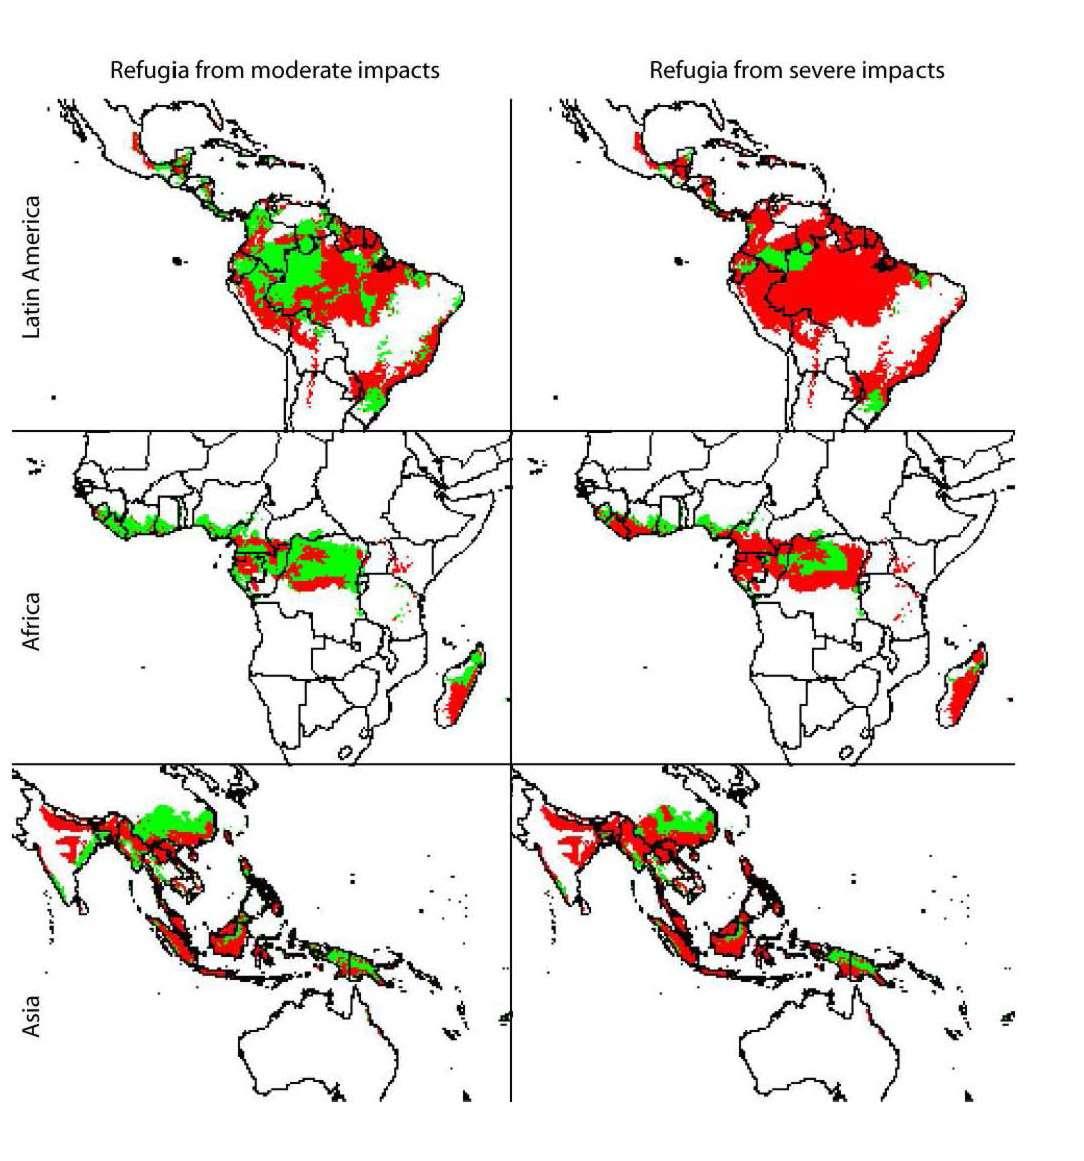 Selon l'impact de l'activité humaine et le changement climatique, les refuges écologiques (en vert sur l'image) sont plus ou moins importants. Crédits Conservation Letters / Greg Asner